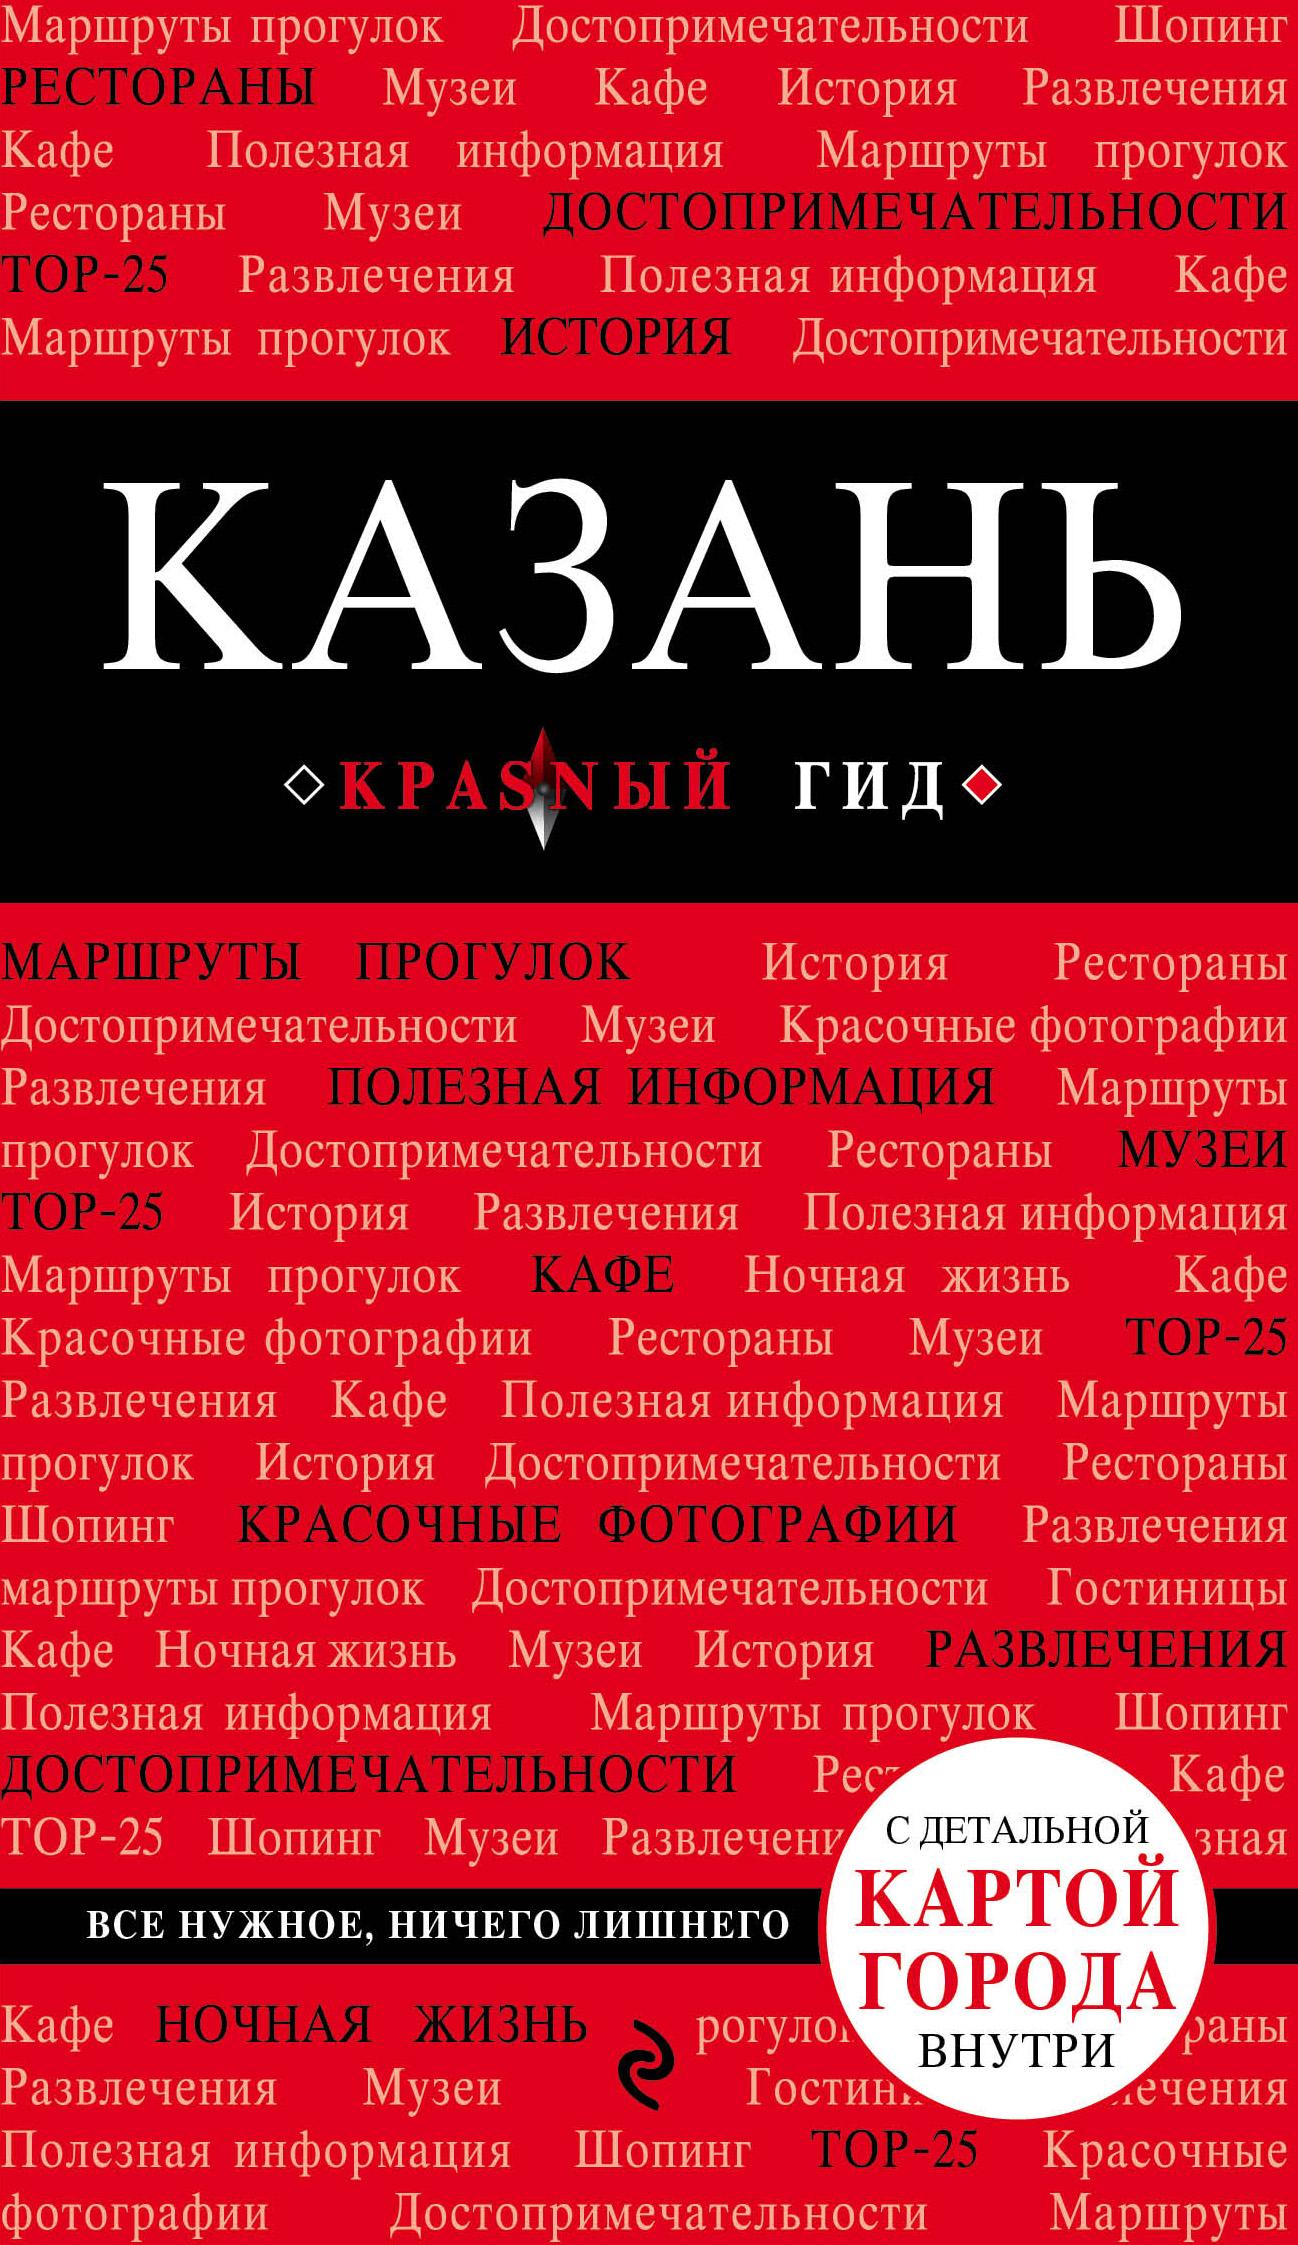 Казань. Путеводитель какой ноутбук toshiba лучше в казани